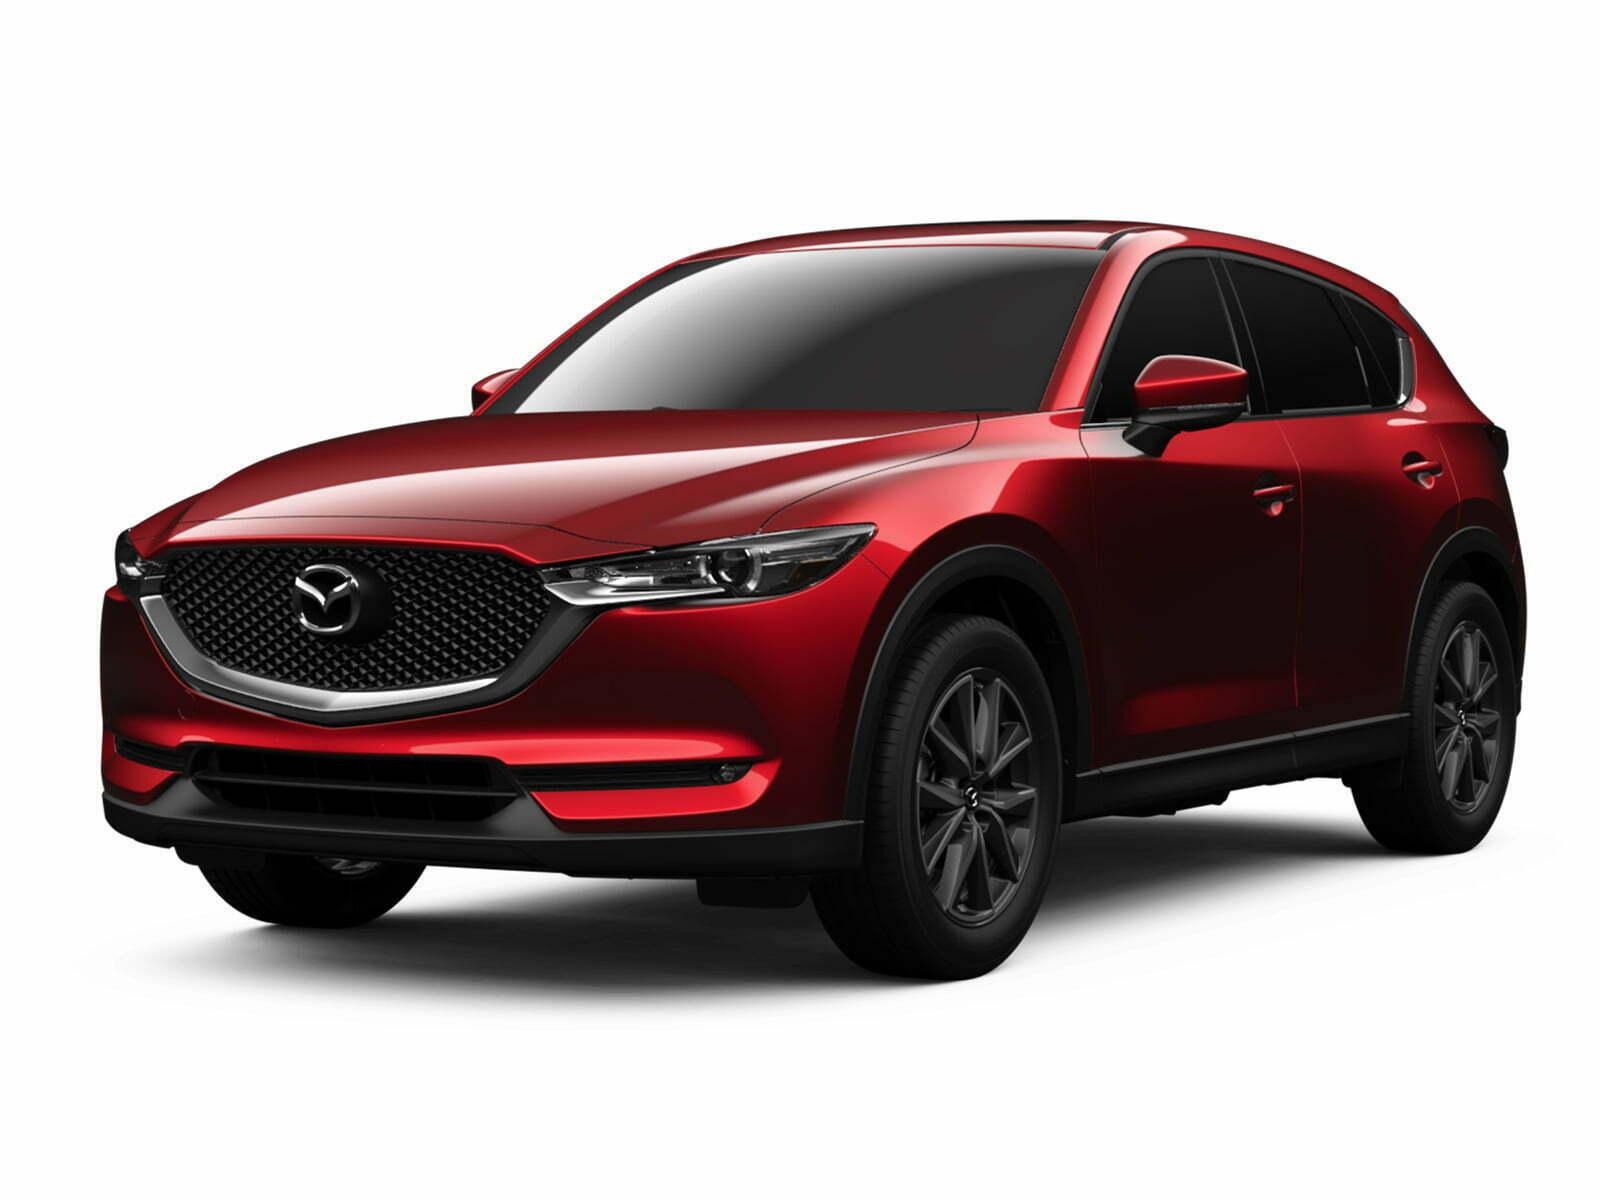 Mazda CX-5 2.0 SKYACTIV-G 6MT 2WD CX-5 5d.